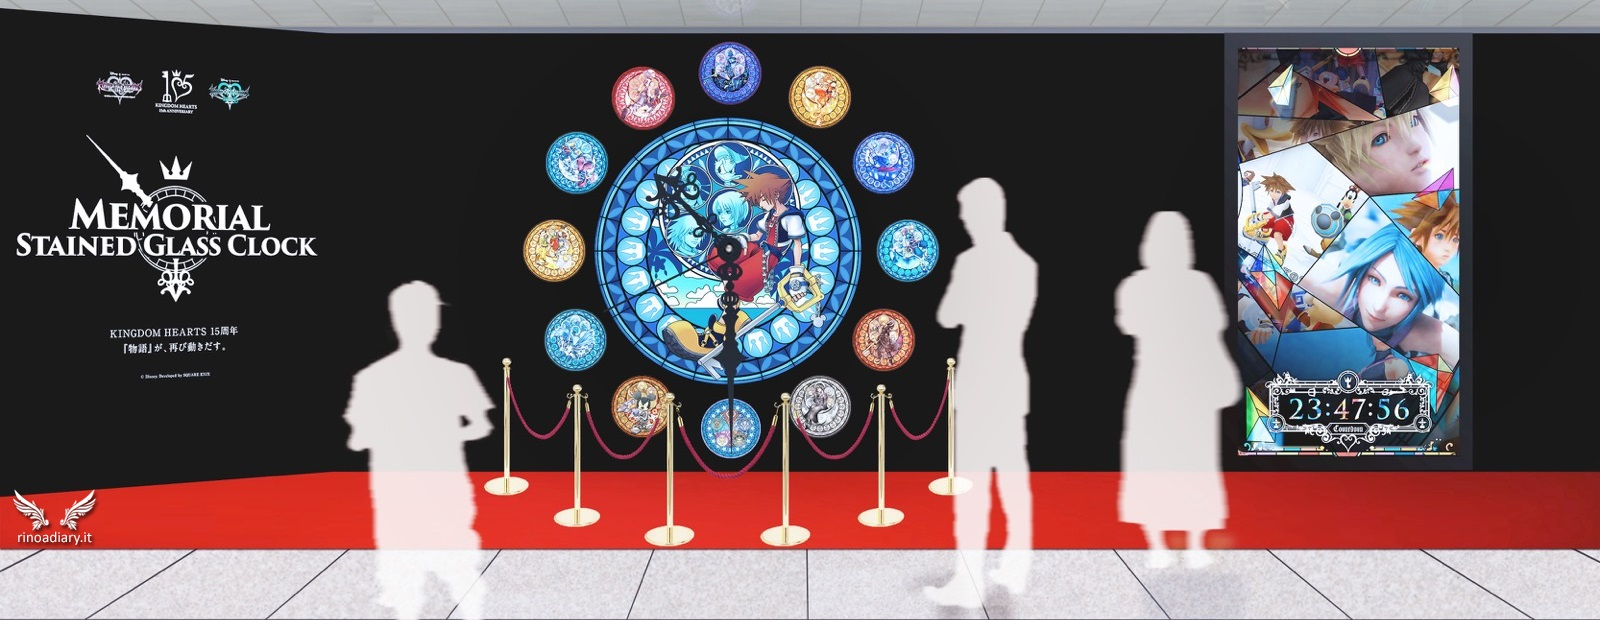 """La campagna """"Memorial Stained Glass Clock"""" per celebrare i 15 anni di Kingdom Hearts"""